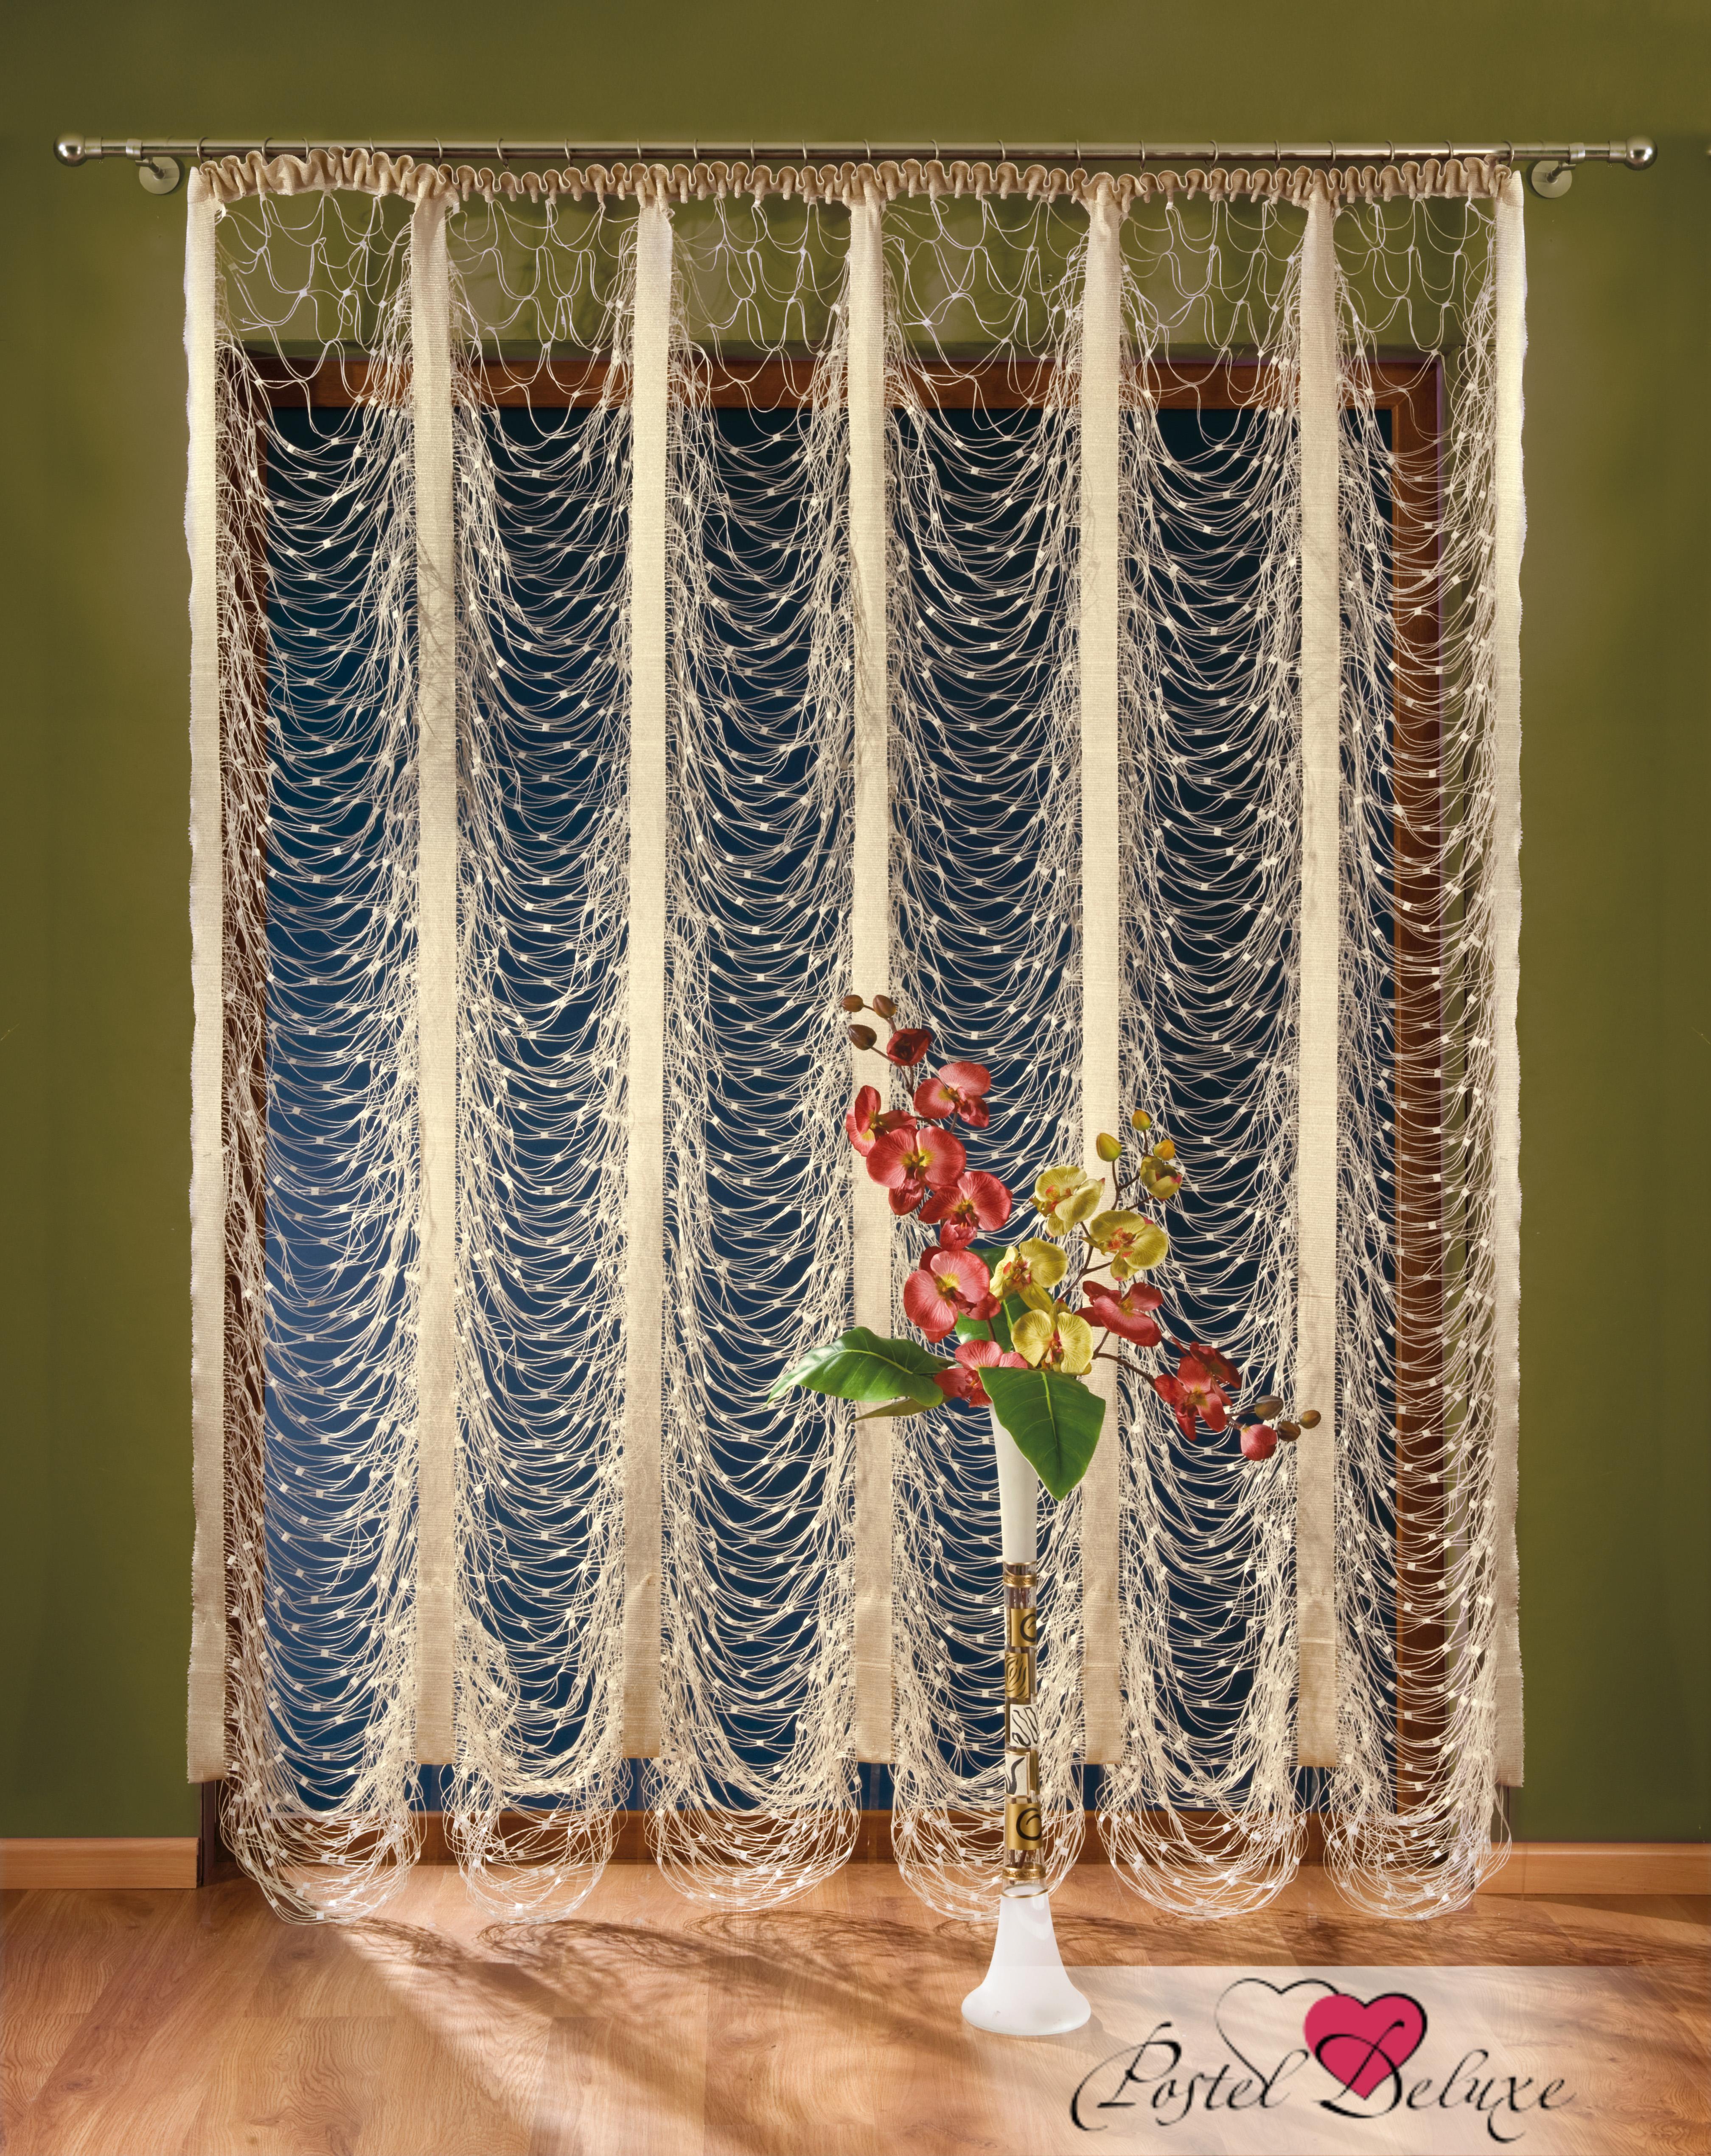 Шторы Wisan Нитяные шторы Цвет: Кремовый, Белый wisan wisan классические шторы melicent цвет кремовый